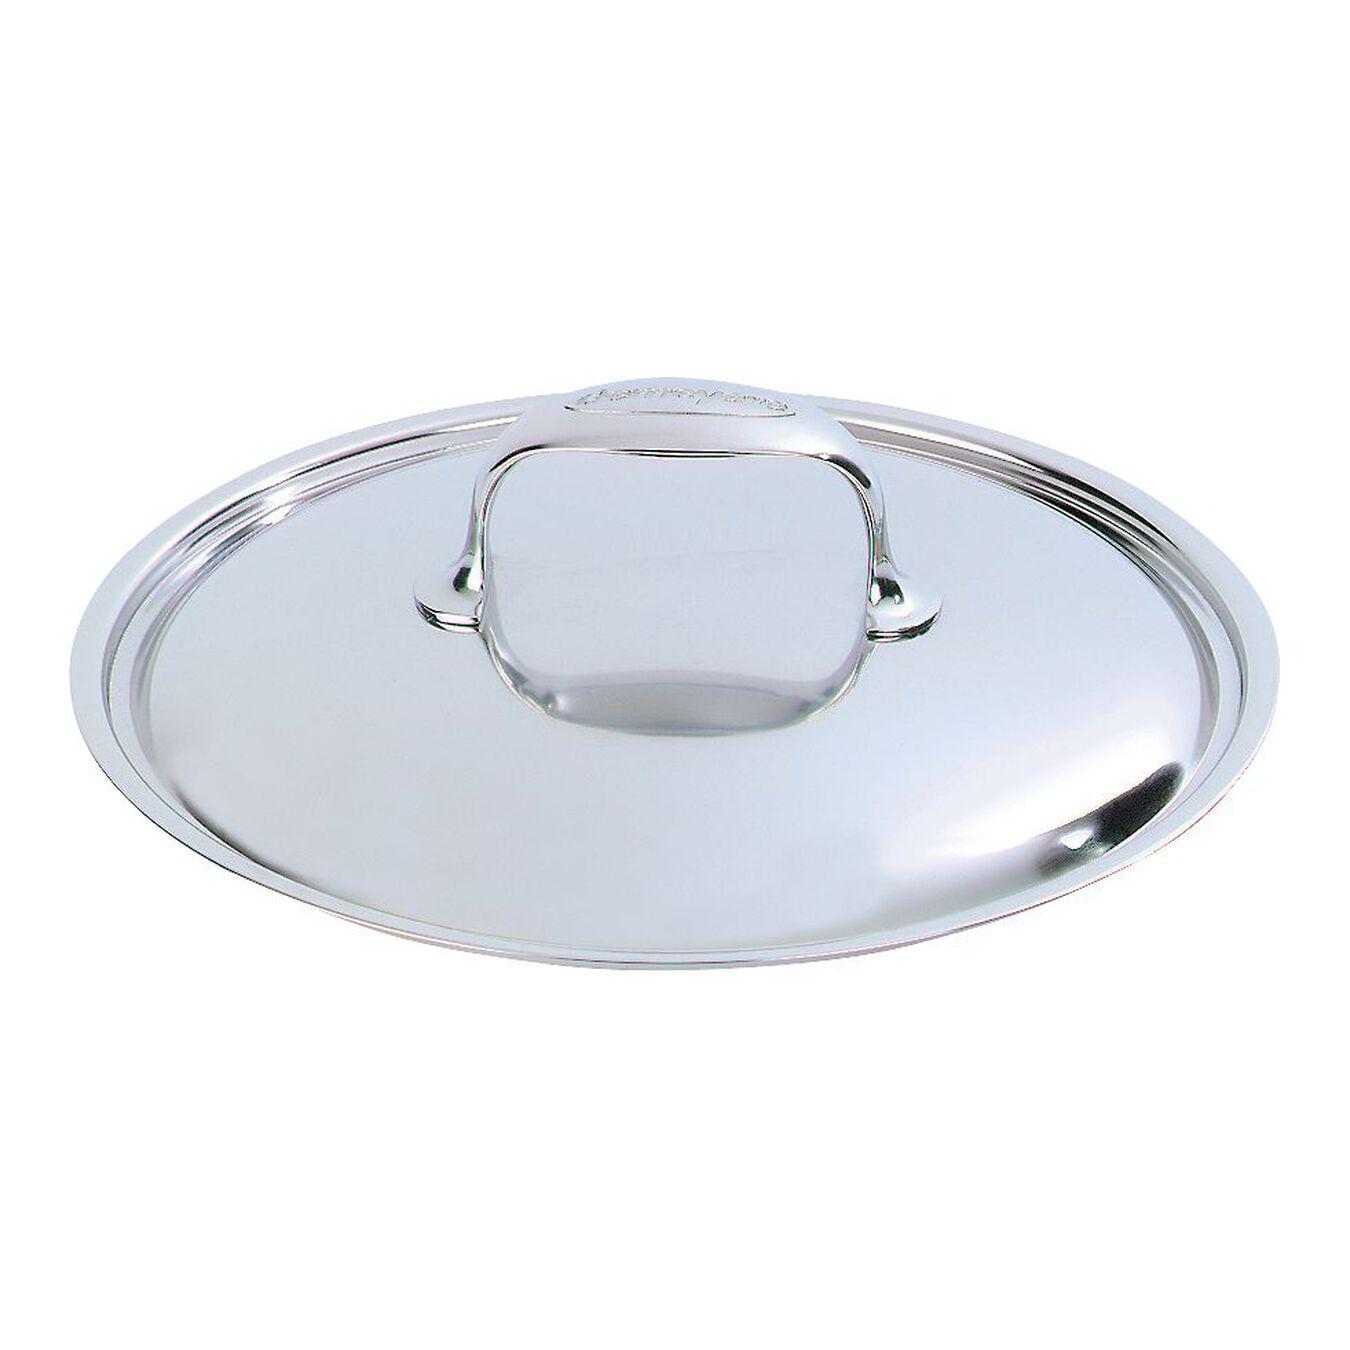 Coperchio - 20 cm, acciaio,,large 2